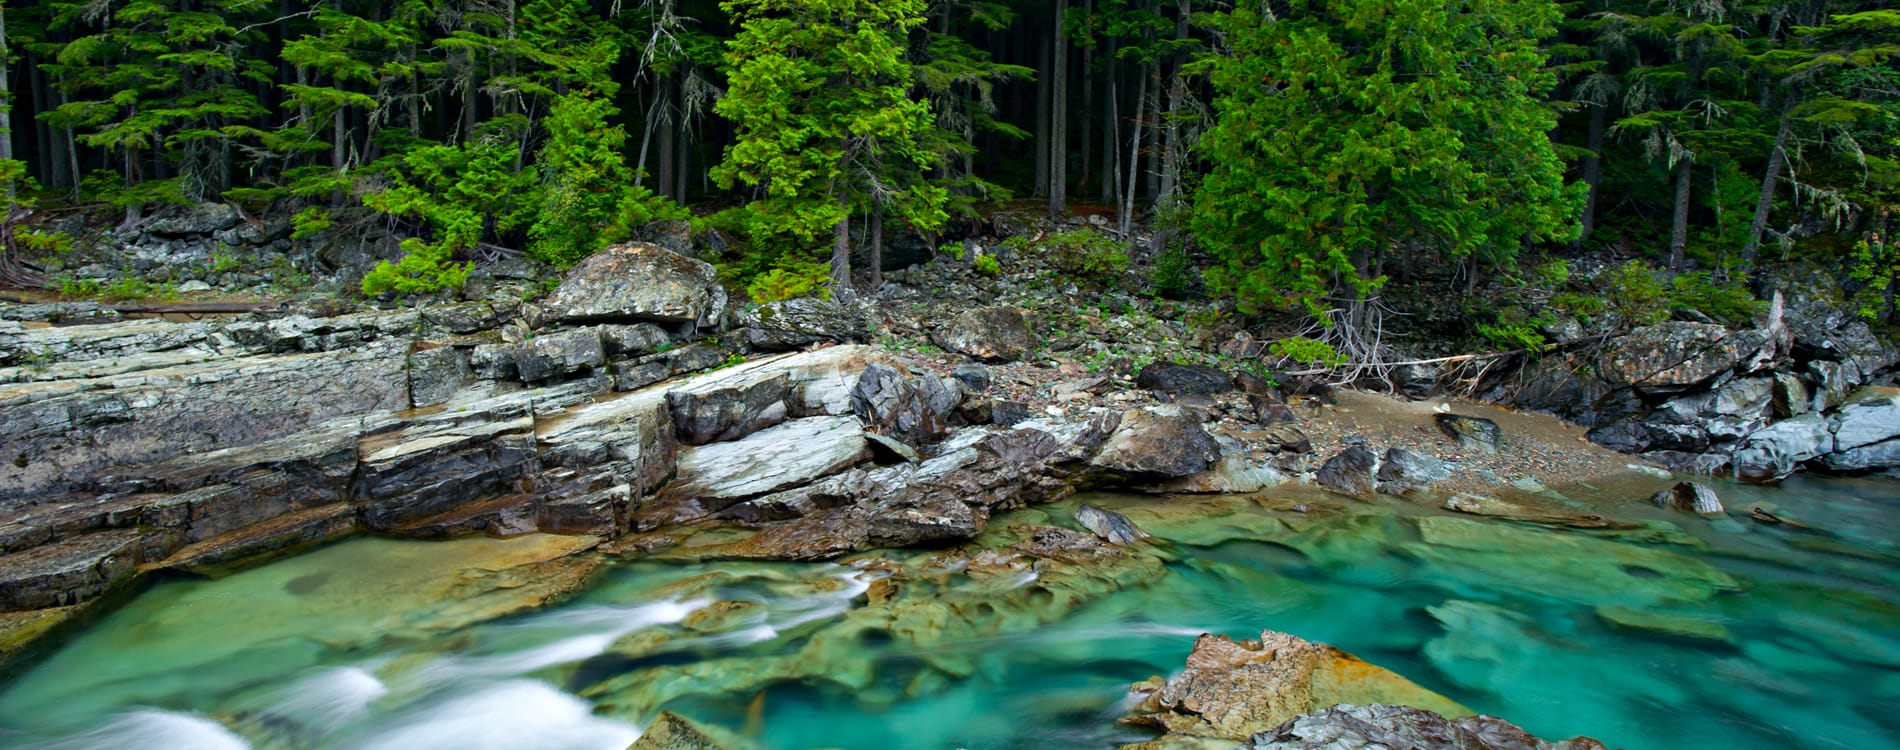 Glacier National Park - McDonald Creek